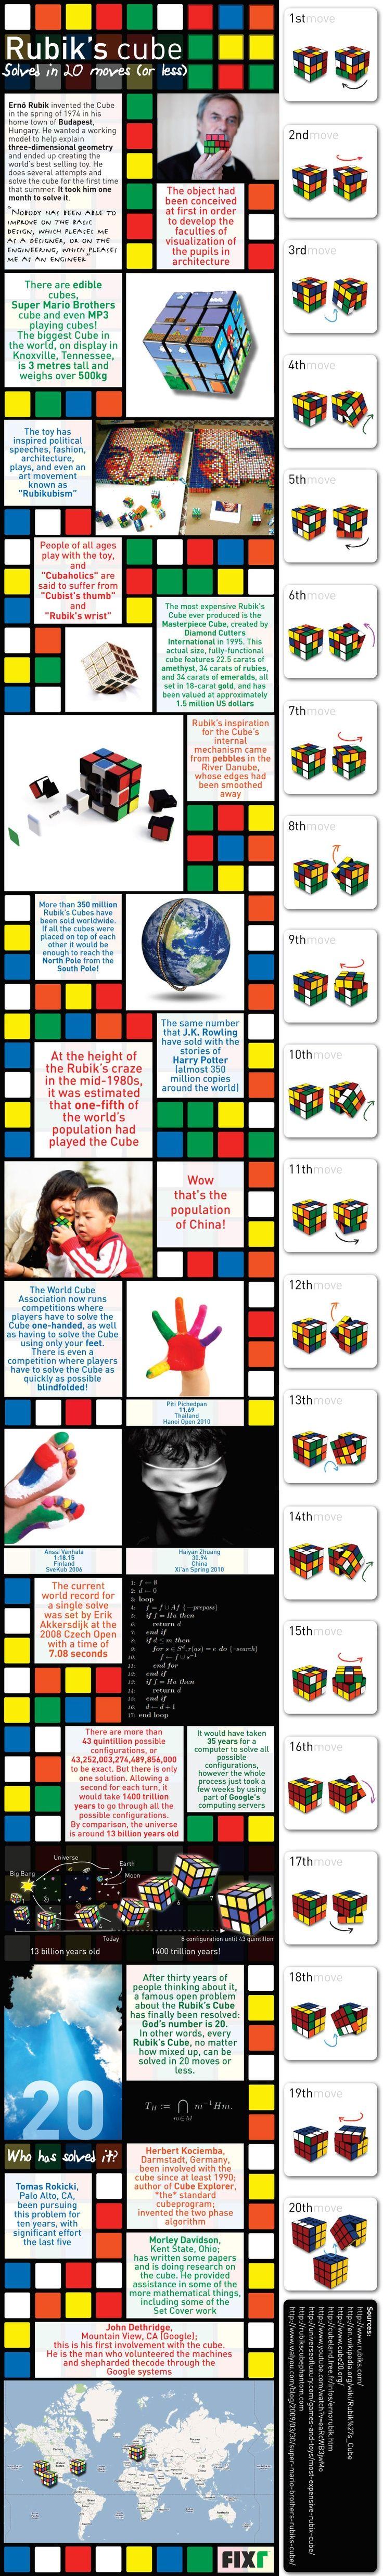 rubiks cube in 20 moves ! (Are you sure you wanna watch it ?) Rubics kubus in 20x. (Weet je zeker dat je wilt kijken ?)